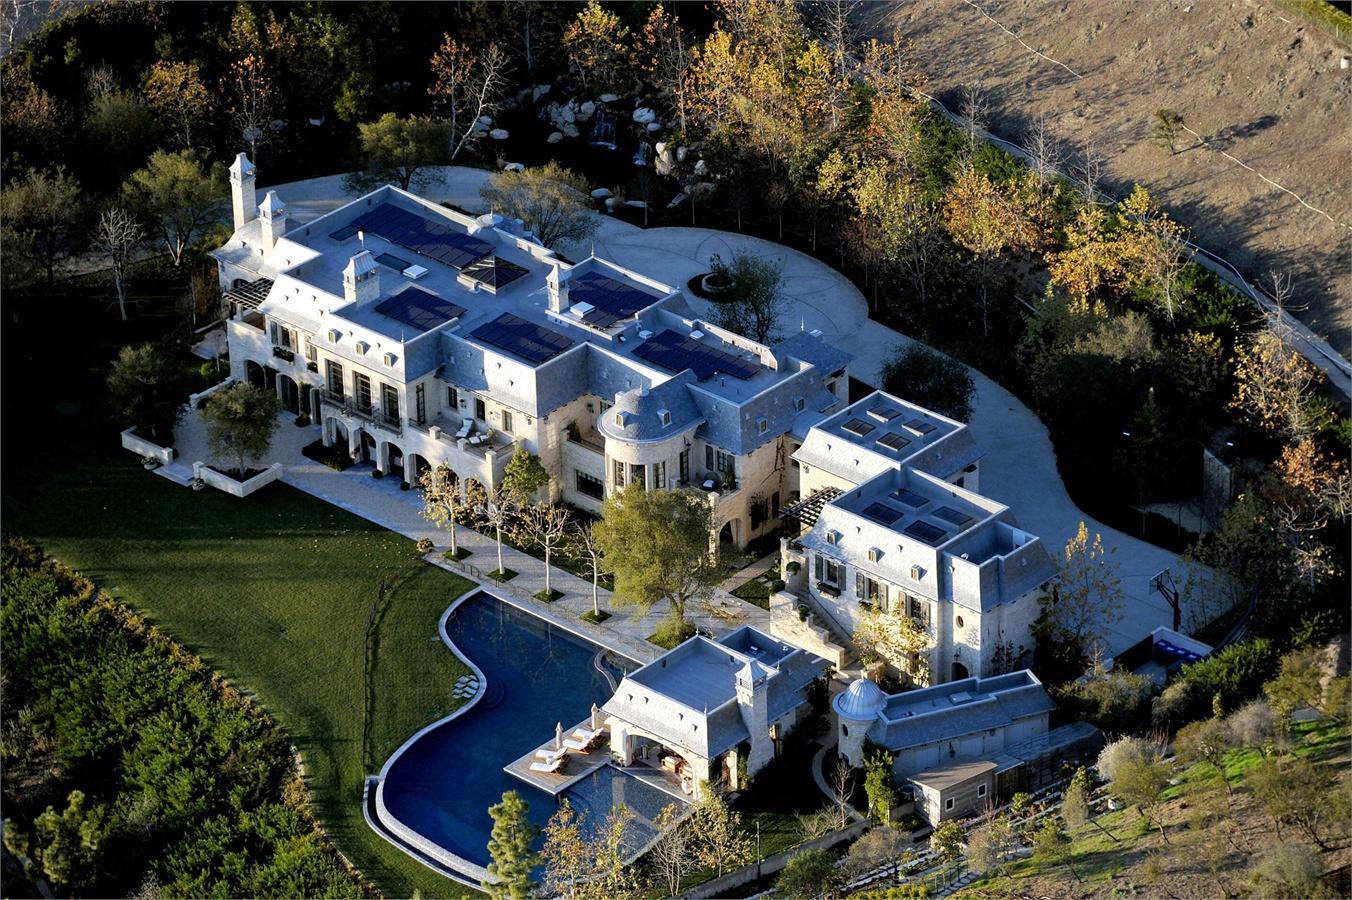 La super villa della top model gisel bundchen in vendita - Quanto si da di caparra per acquisto casa ...